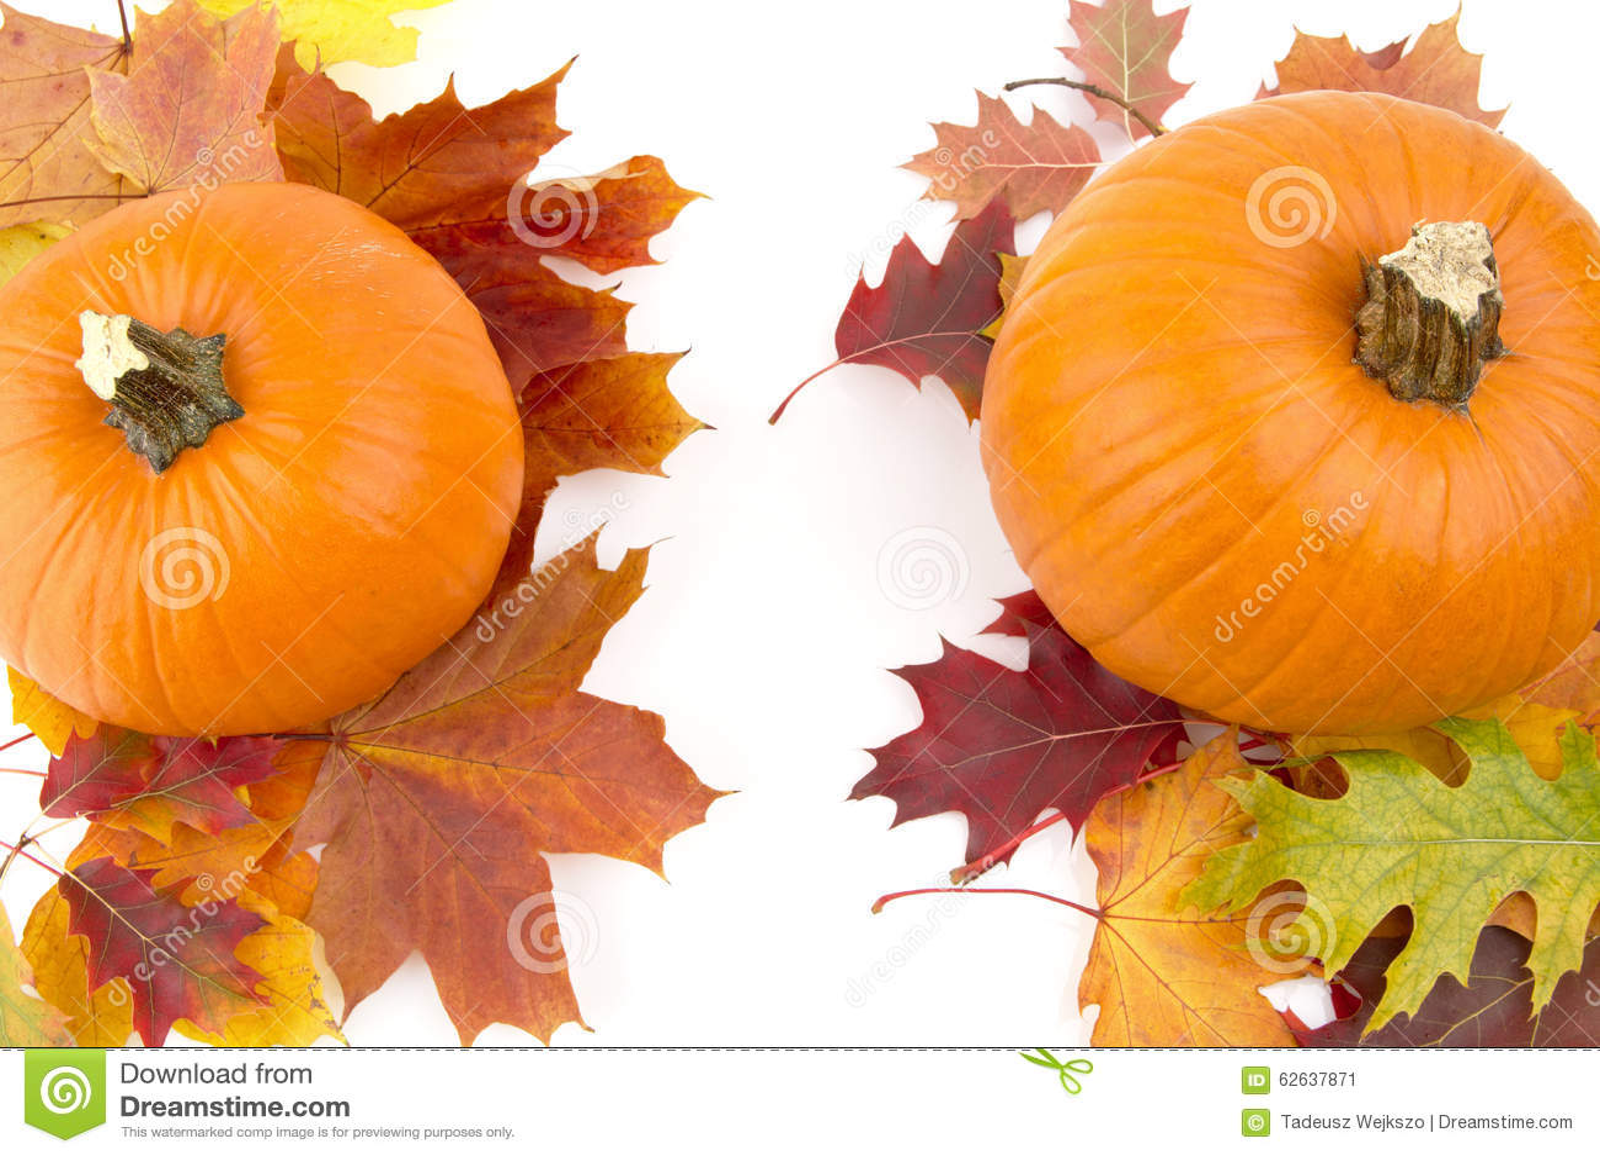 Decoratie van pompoenen met de herfstbladeren voor thanksgiving day op wit stock afbeelding - Decoratie van de kamers van de meiden ...